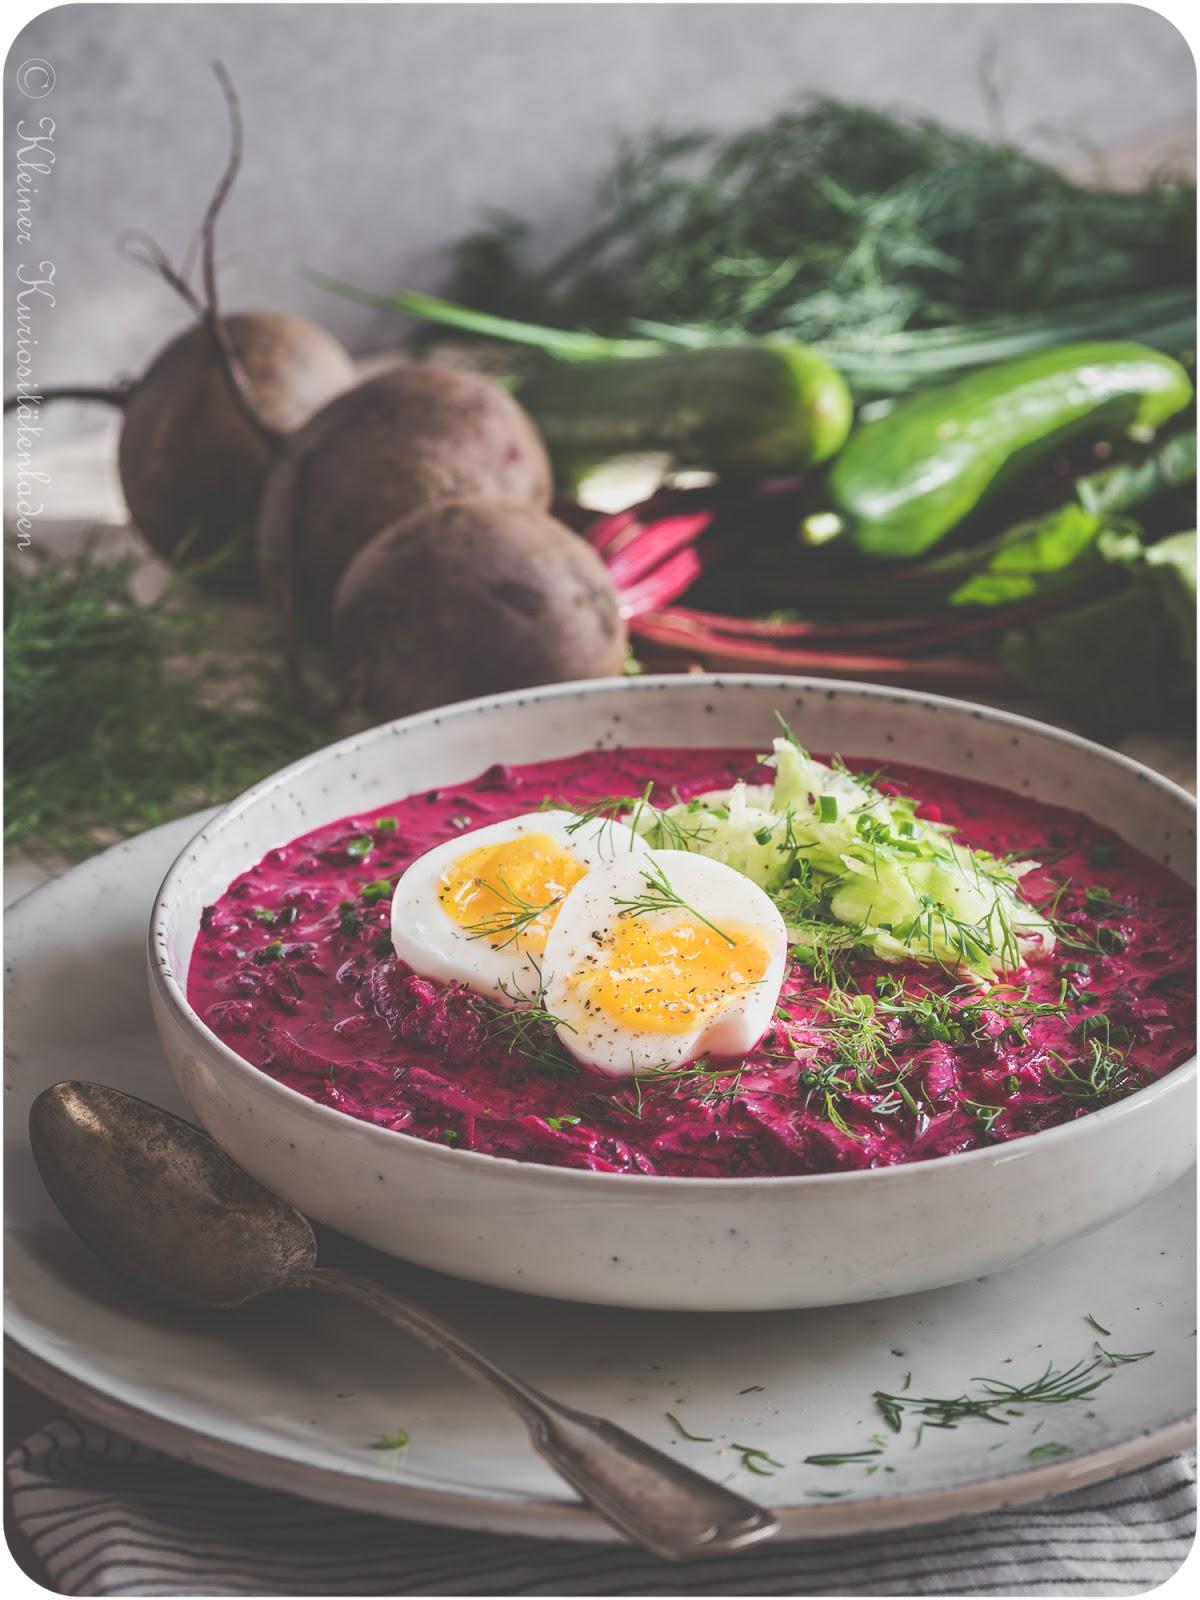 Kleiner Kuriositätenladen: Chlodnik ~ Kalte Rote-Bete-Suppe mit wachsweichem Ei